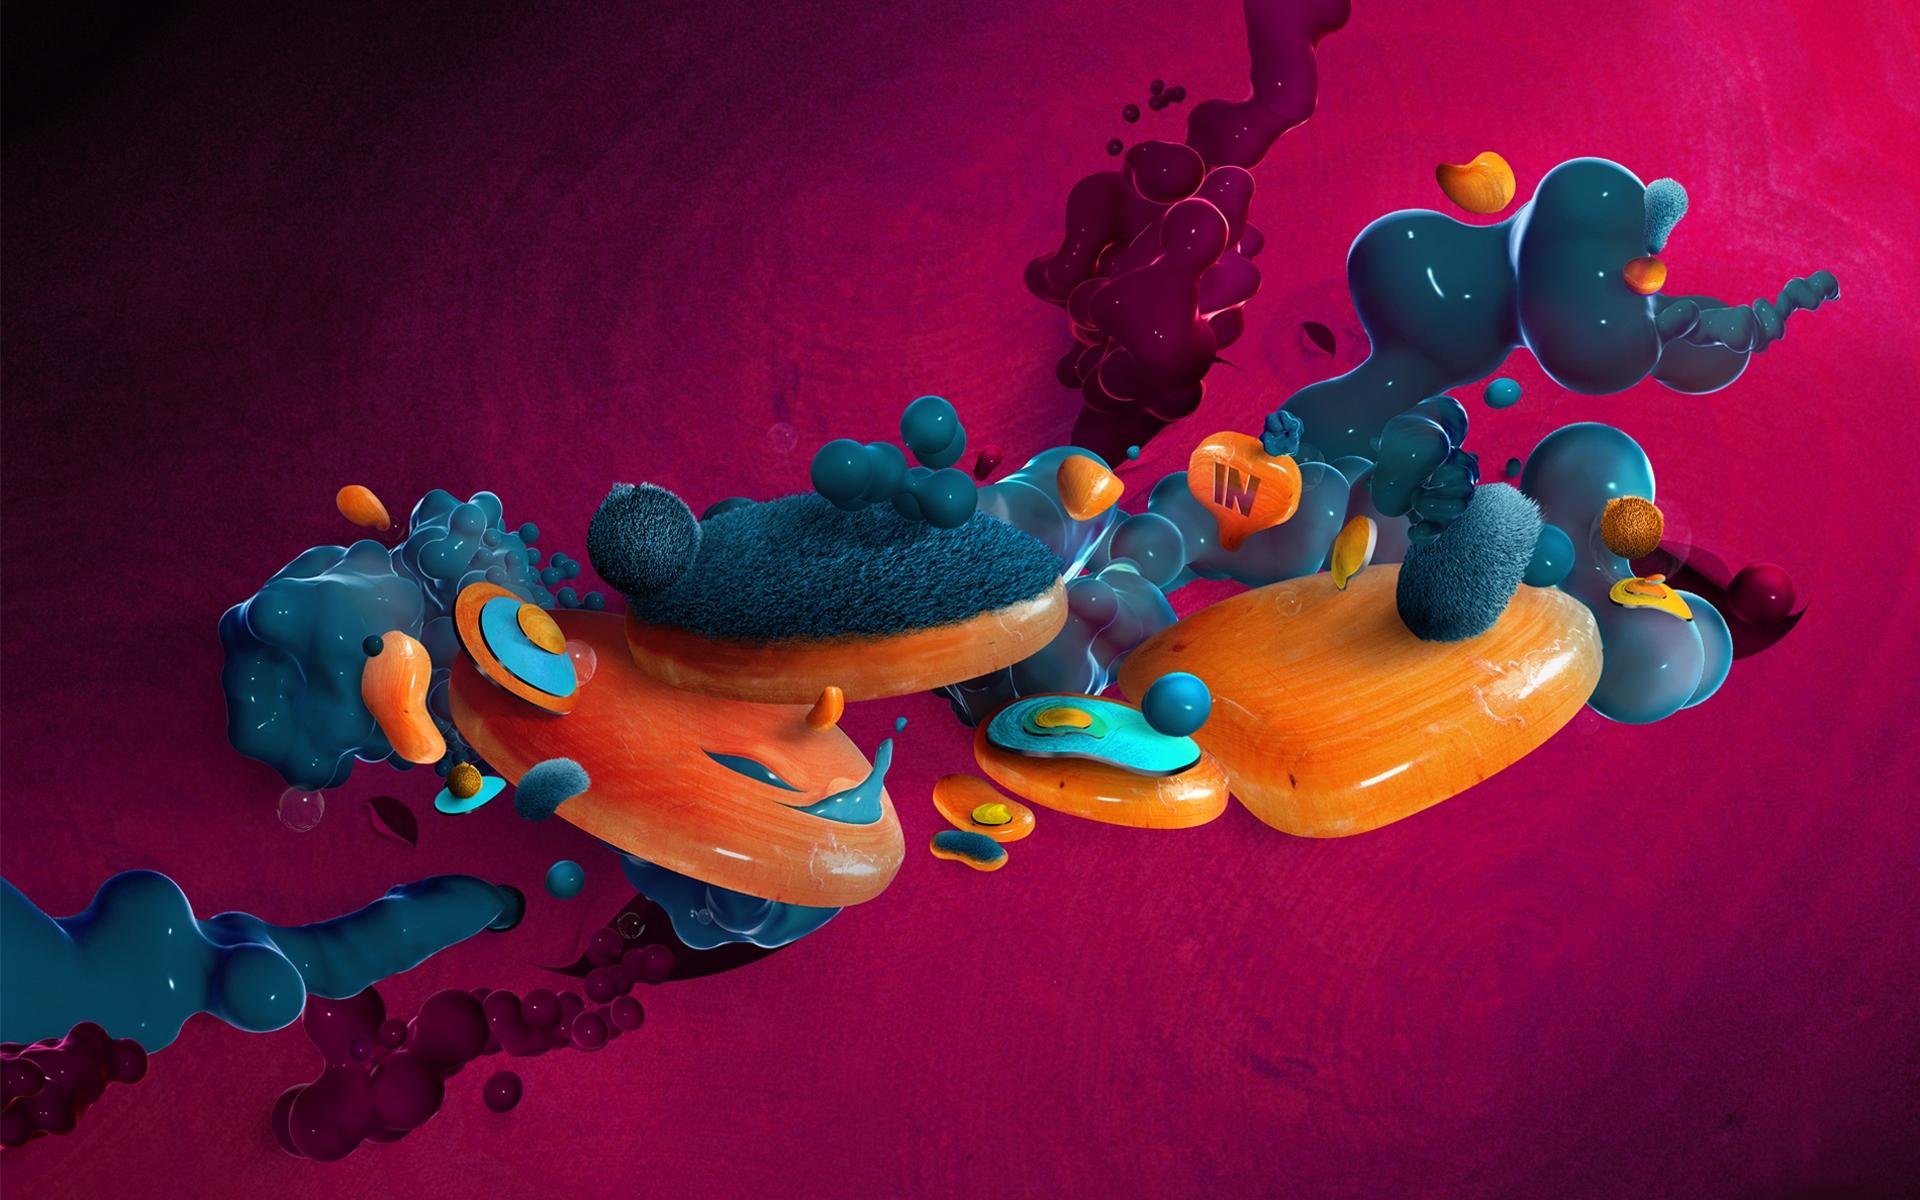 Abstract Design 3d Desktop Hd Wallpaper: 3D Abstract Art Wallpaper